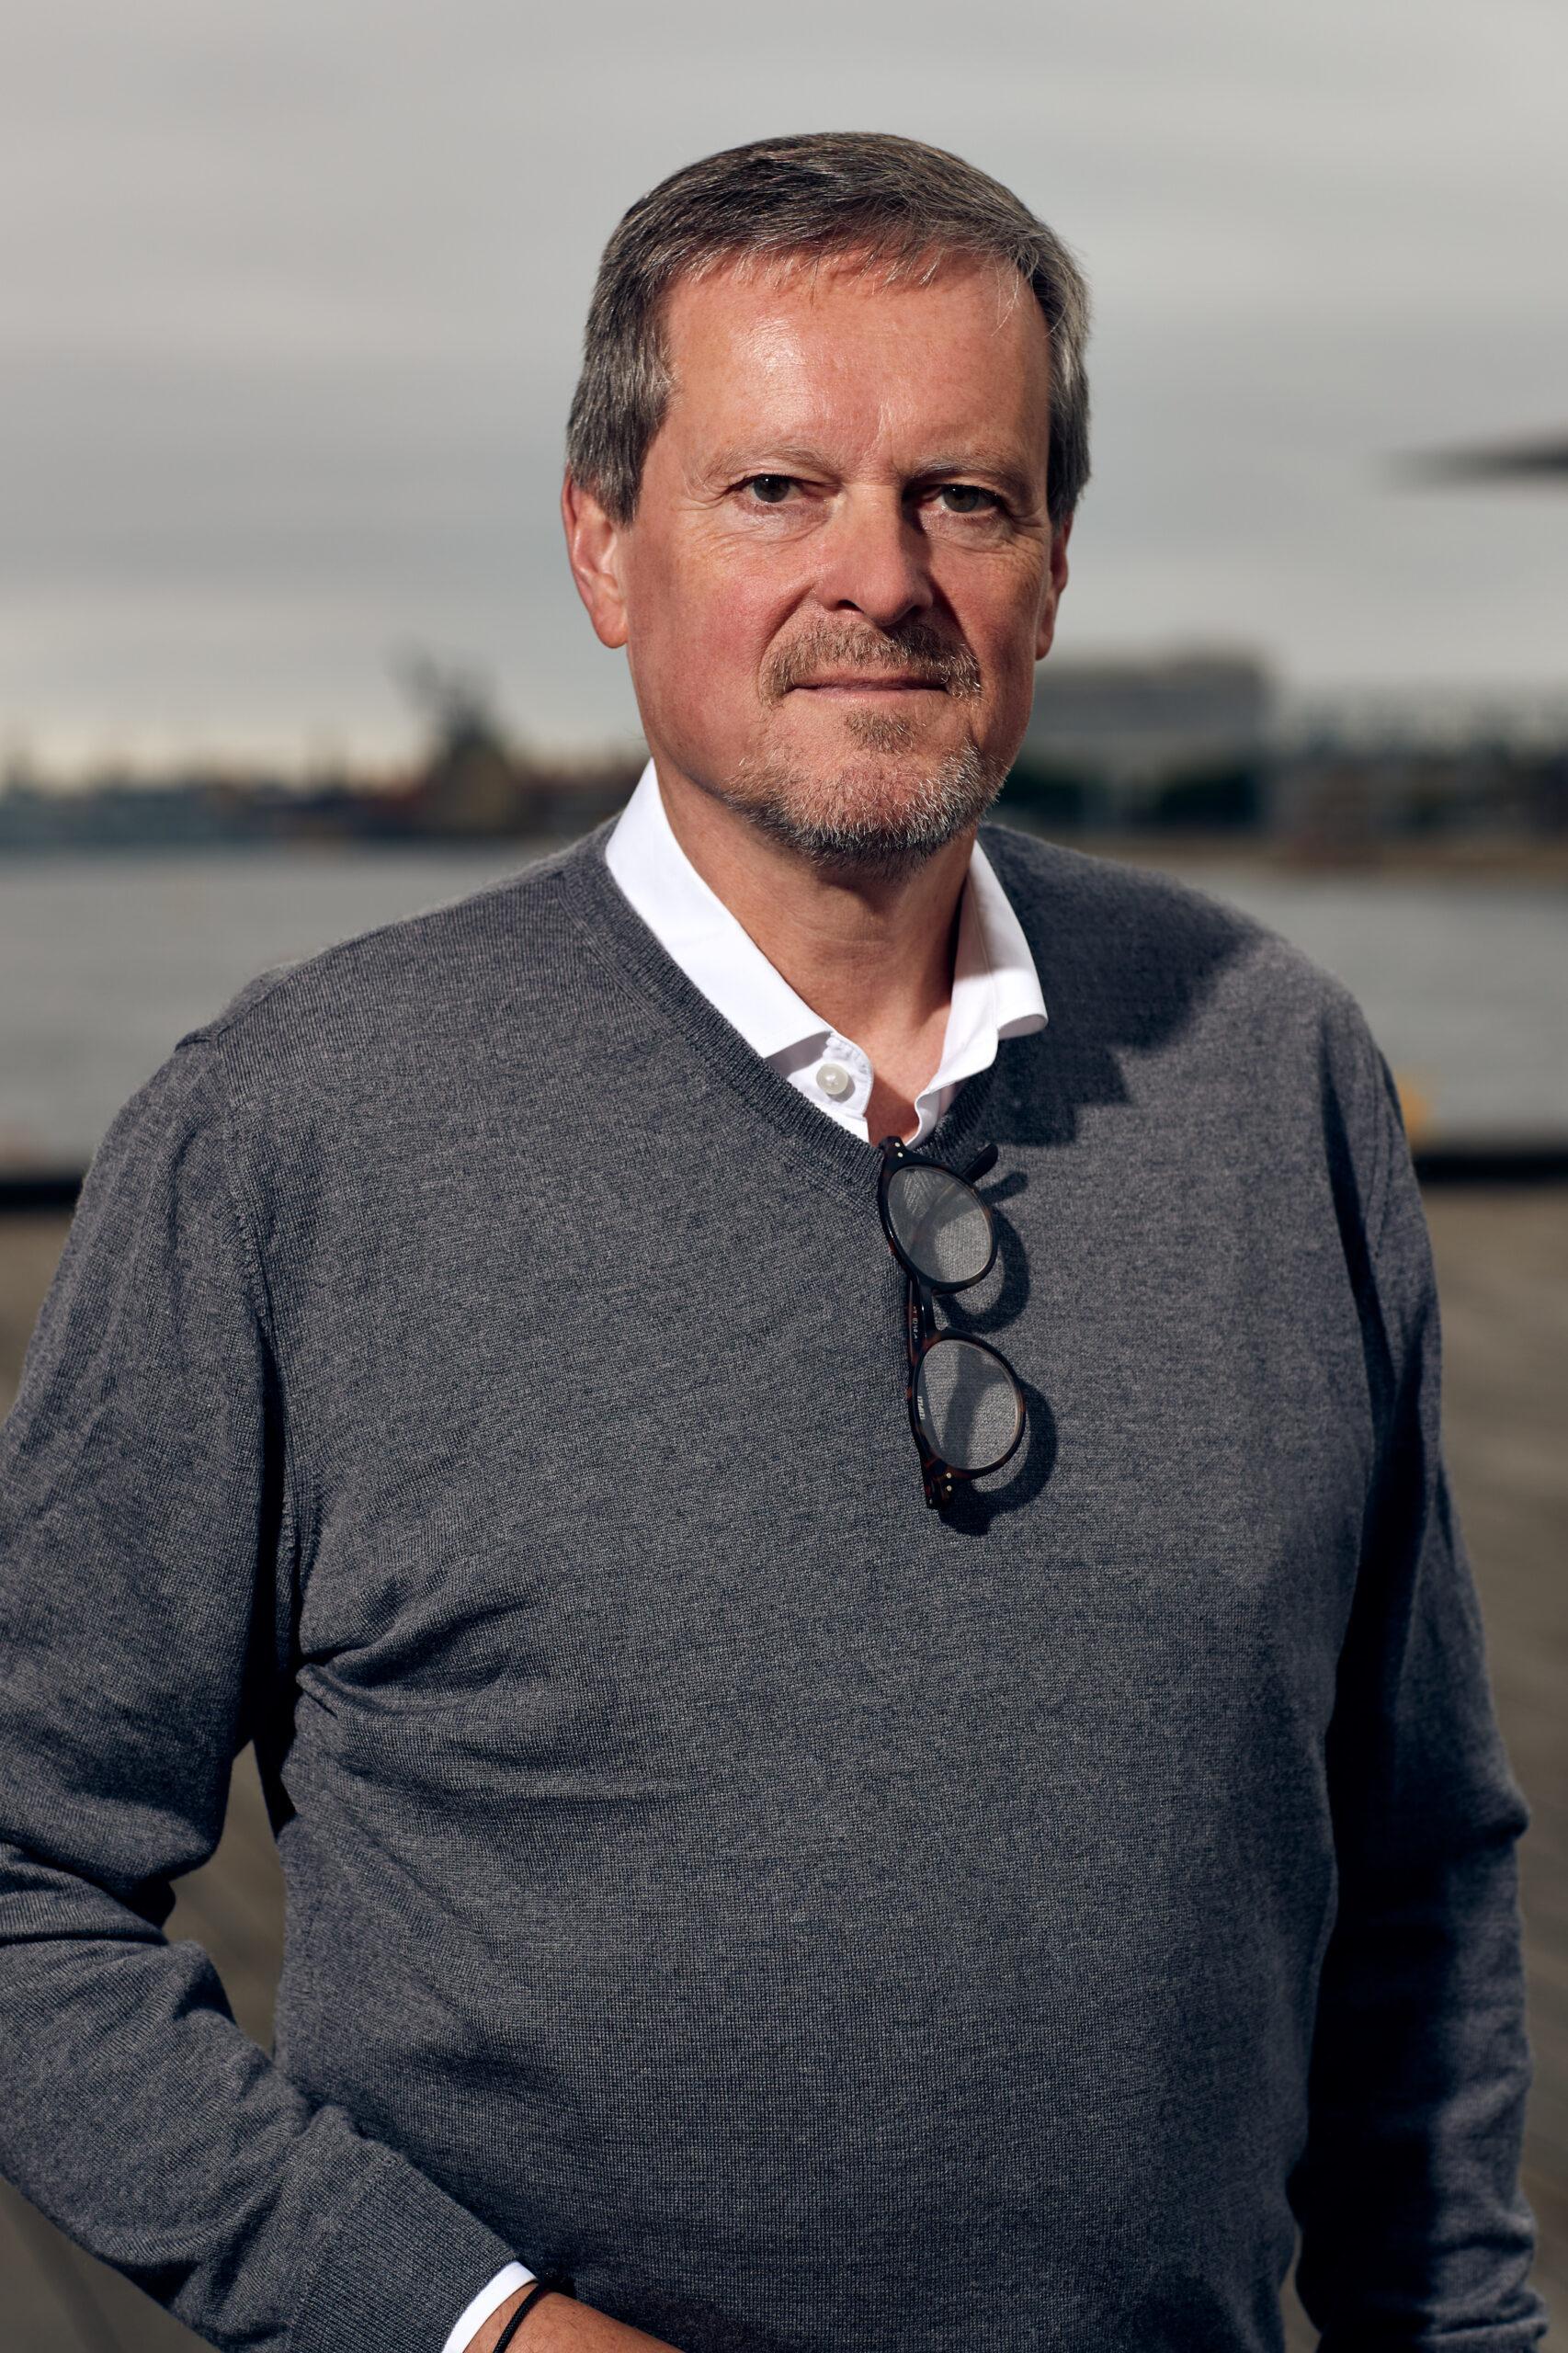 Sten Verland